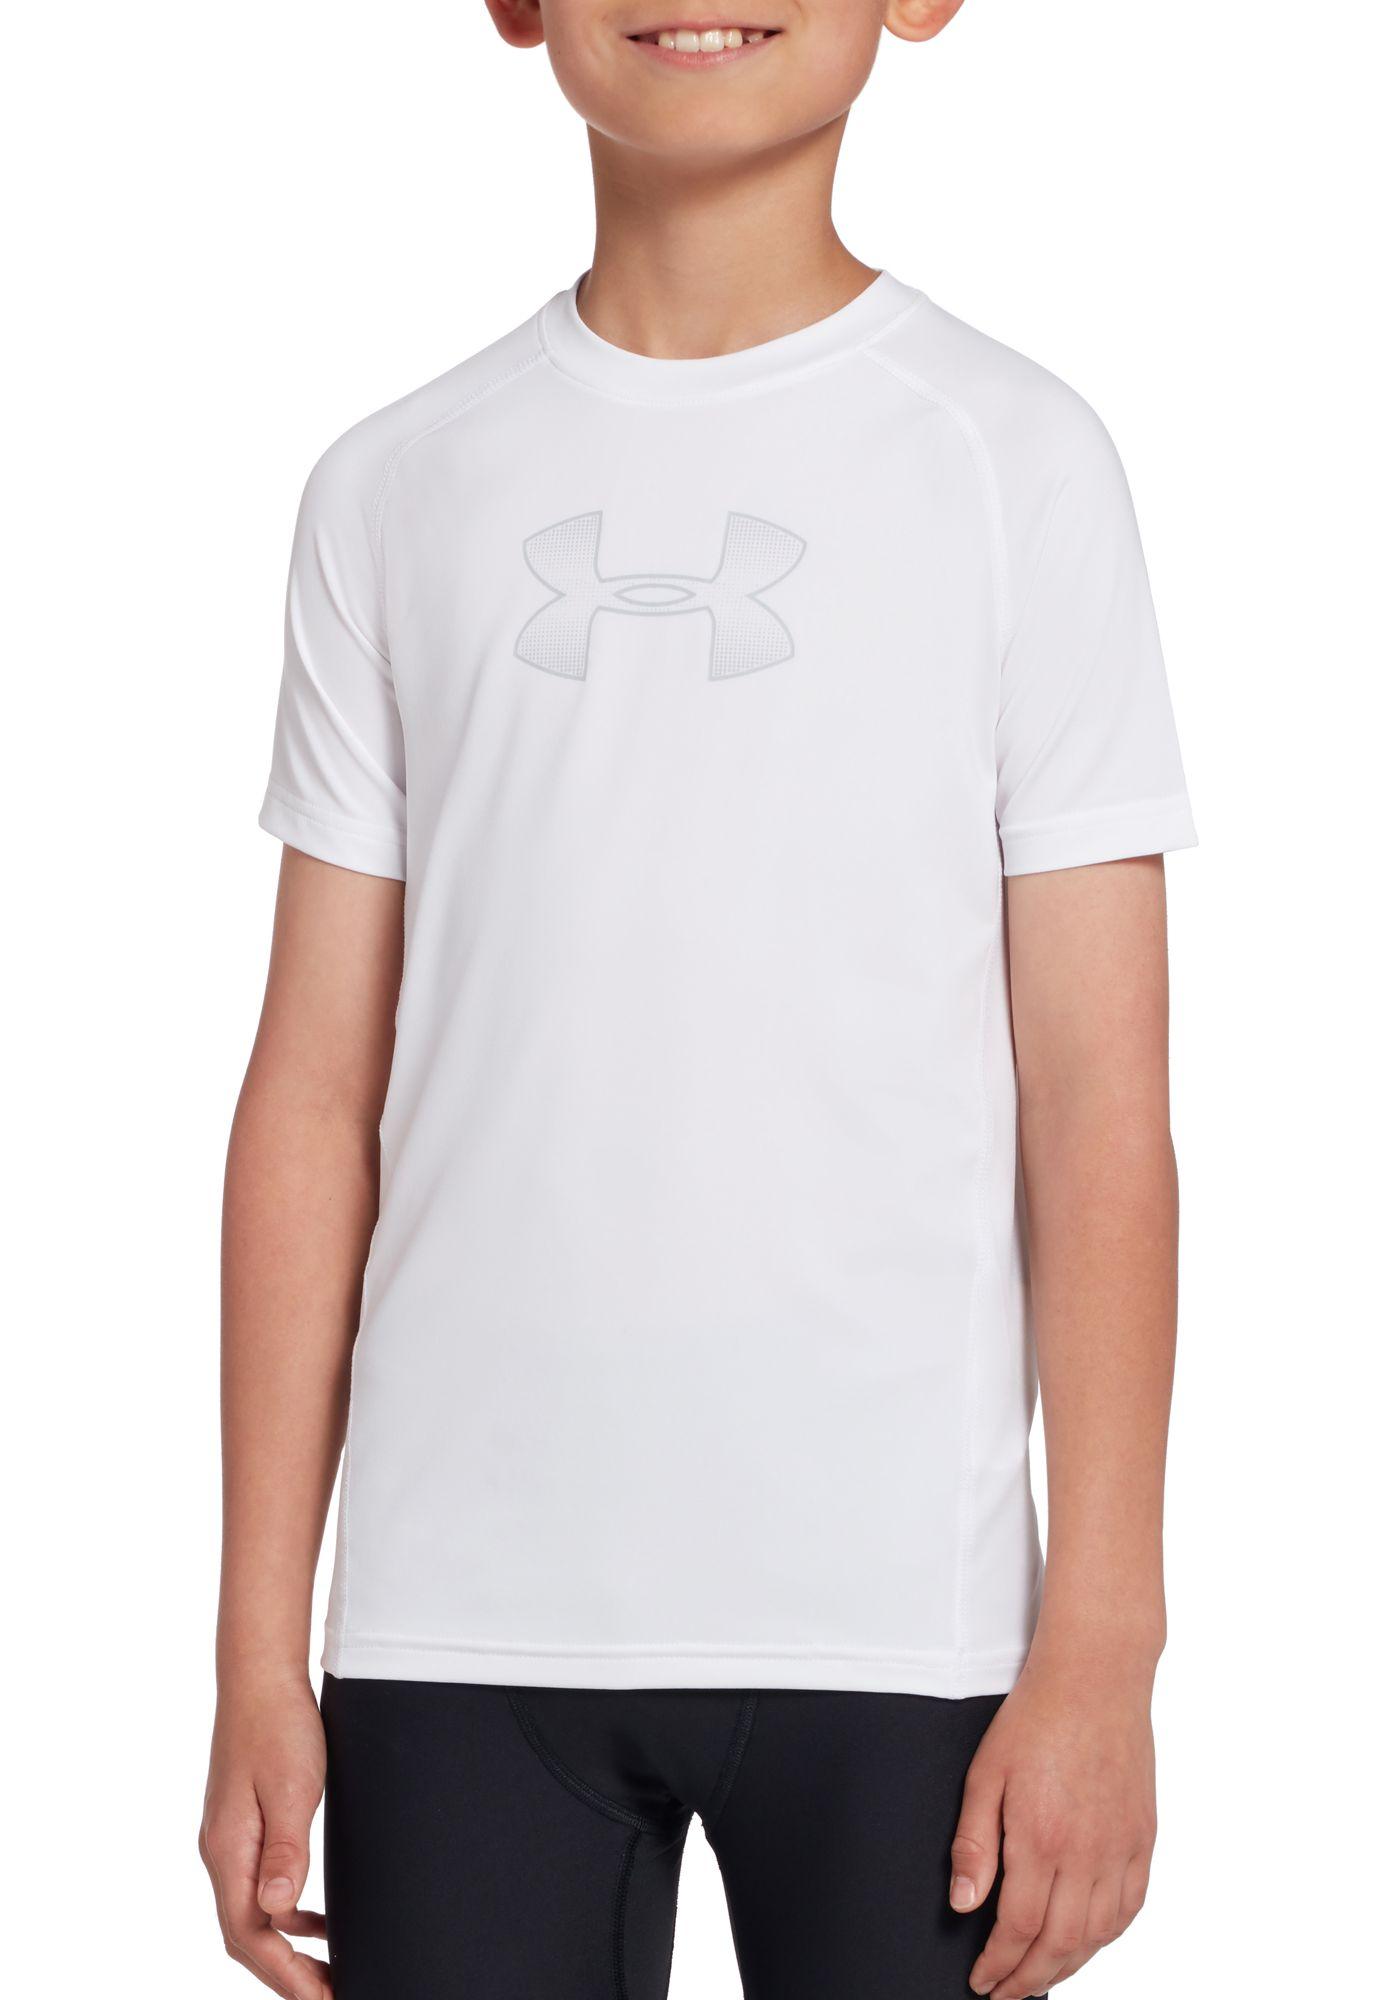 Under Armour Boys' HeatGear T-Shirt